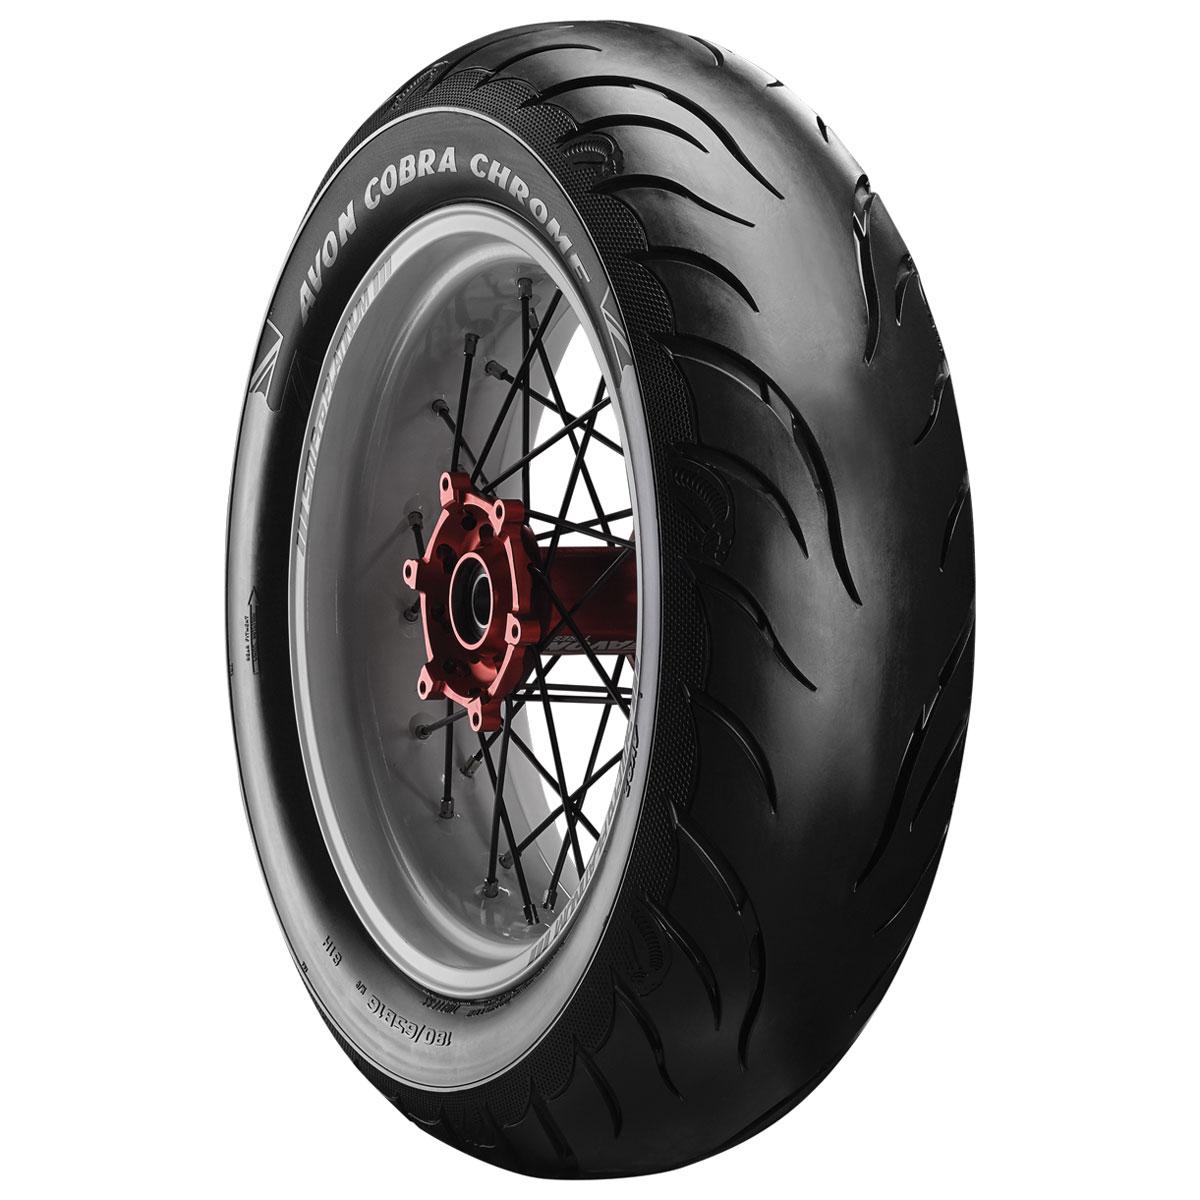 Avon AV92 Cobra Chrome 240/40VR18 Rear Tire